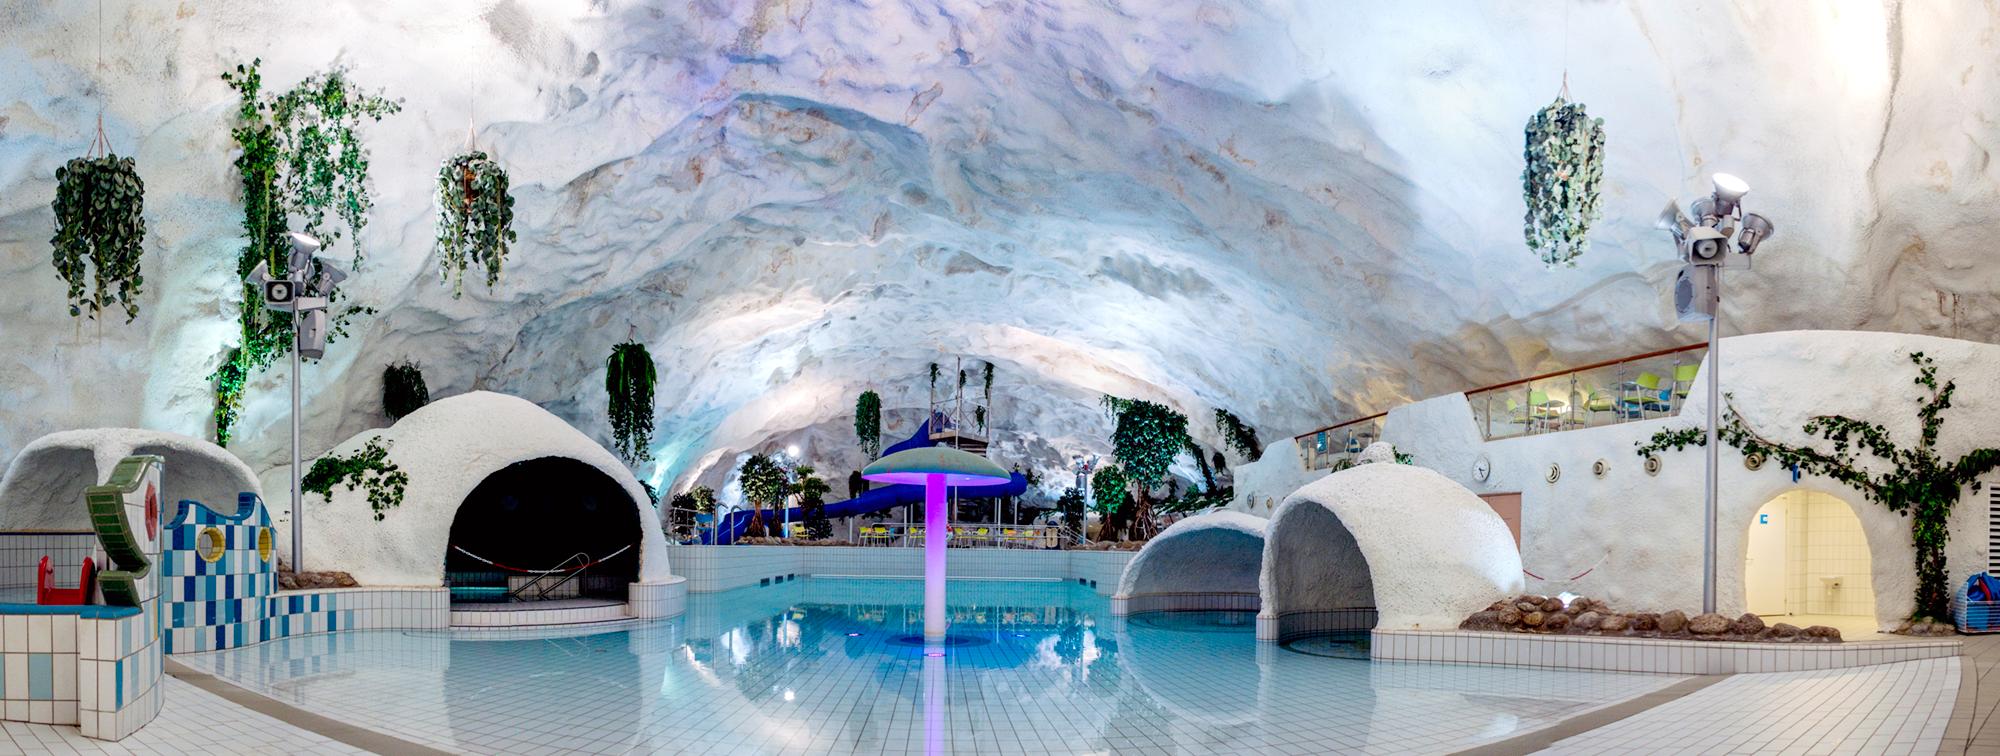 Grottebadet panorama